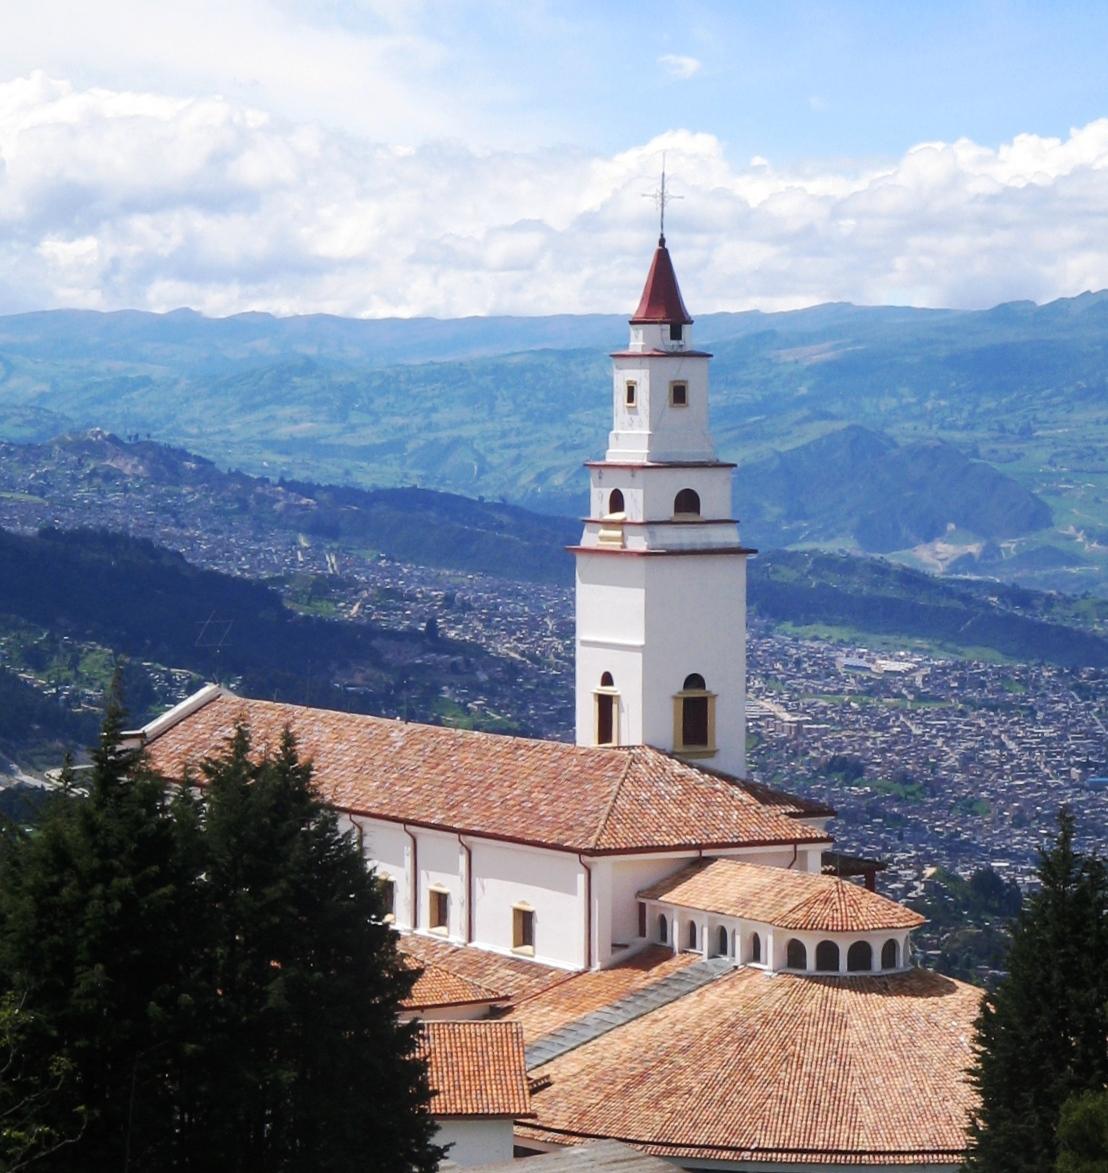 Monserrate sanctuary (COUNTS FOR 2 EXPERIENCES) -